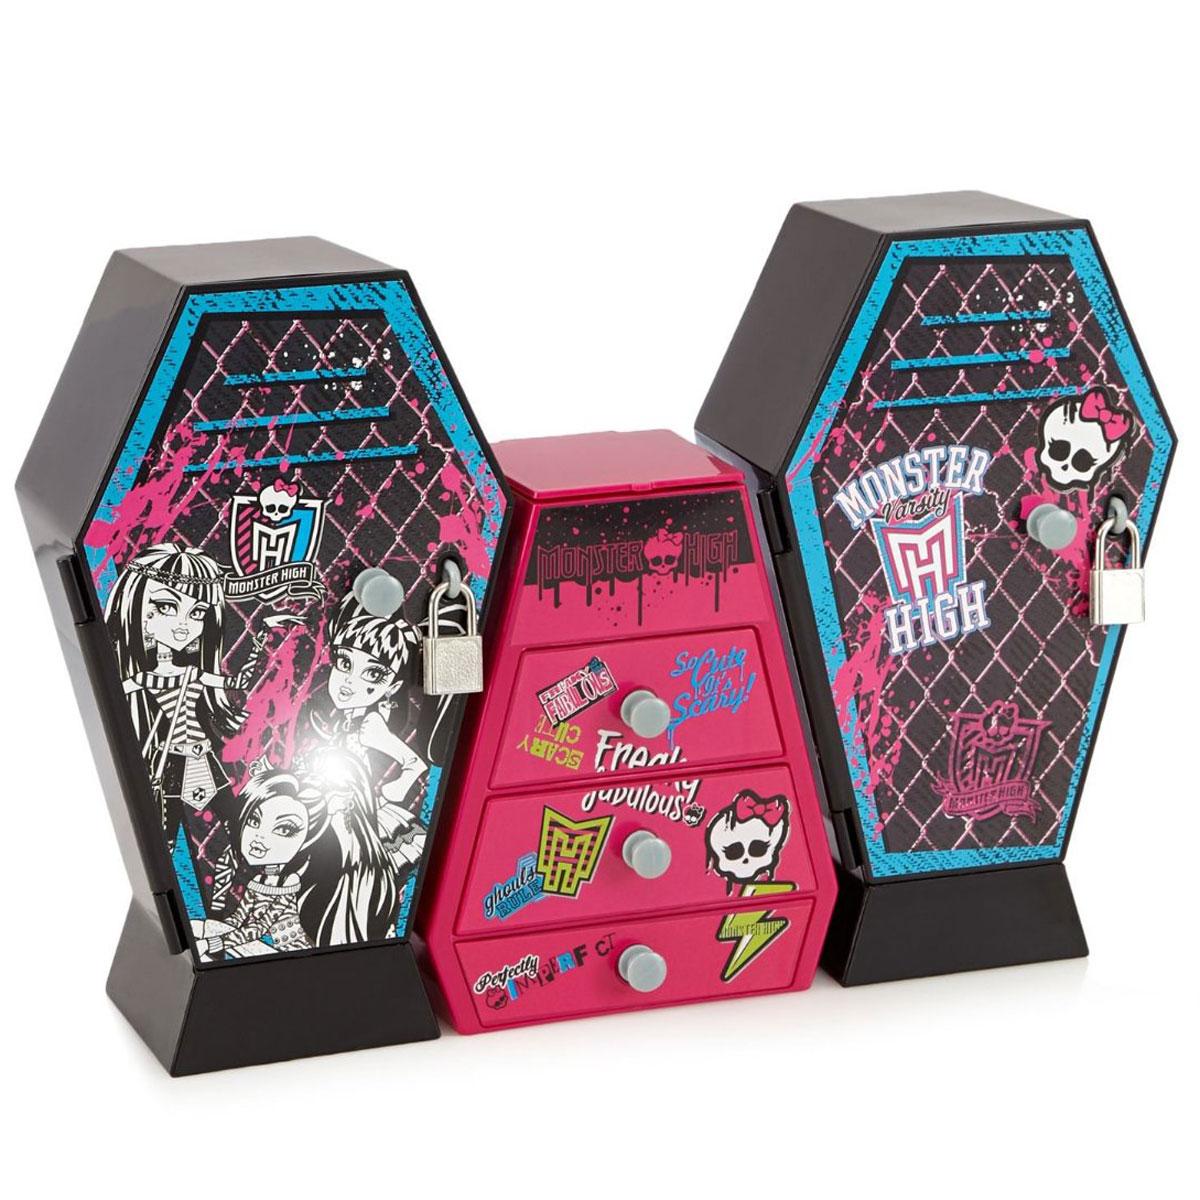 Игровой набор Monster High Музыкальный шкаф с ключом, цвет: черный, розовый870352_шкафы черныеМузыкальный шкаф с ключом из серии Monster High с аксессуарами - великолепная новинка для всех любительниц знаменитых фэшн-кукол. Шкаф выполнен из трех секций, в которые девочка сможет положить свои любимые аксессуары и бижутерию. Центральная часть в виде комода с 3-мя ящичками и зеркалом позволит хранить колечки, сережки и любимые заколочки. Шкатулка и шкафчики закрываются на ключик, так что никто не узнает всех секретов вашей малышки. Но и это еще не все! Шкафчик имеет музыкальное сопровождение и позволяет проигрывать любимую классическую мелодию из мультфильма Школа Монстров. Все детали изготовлены из высококачественного нетоксичного материала. В комплекте: шкаф, наклейки, аксессуары.